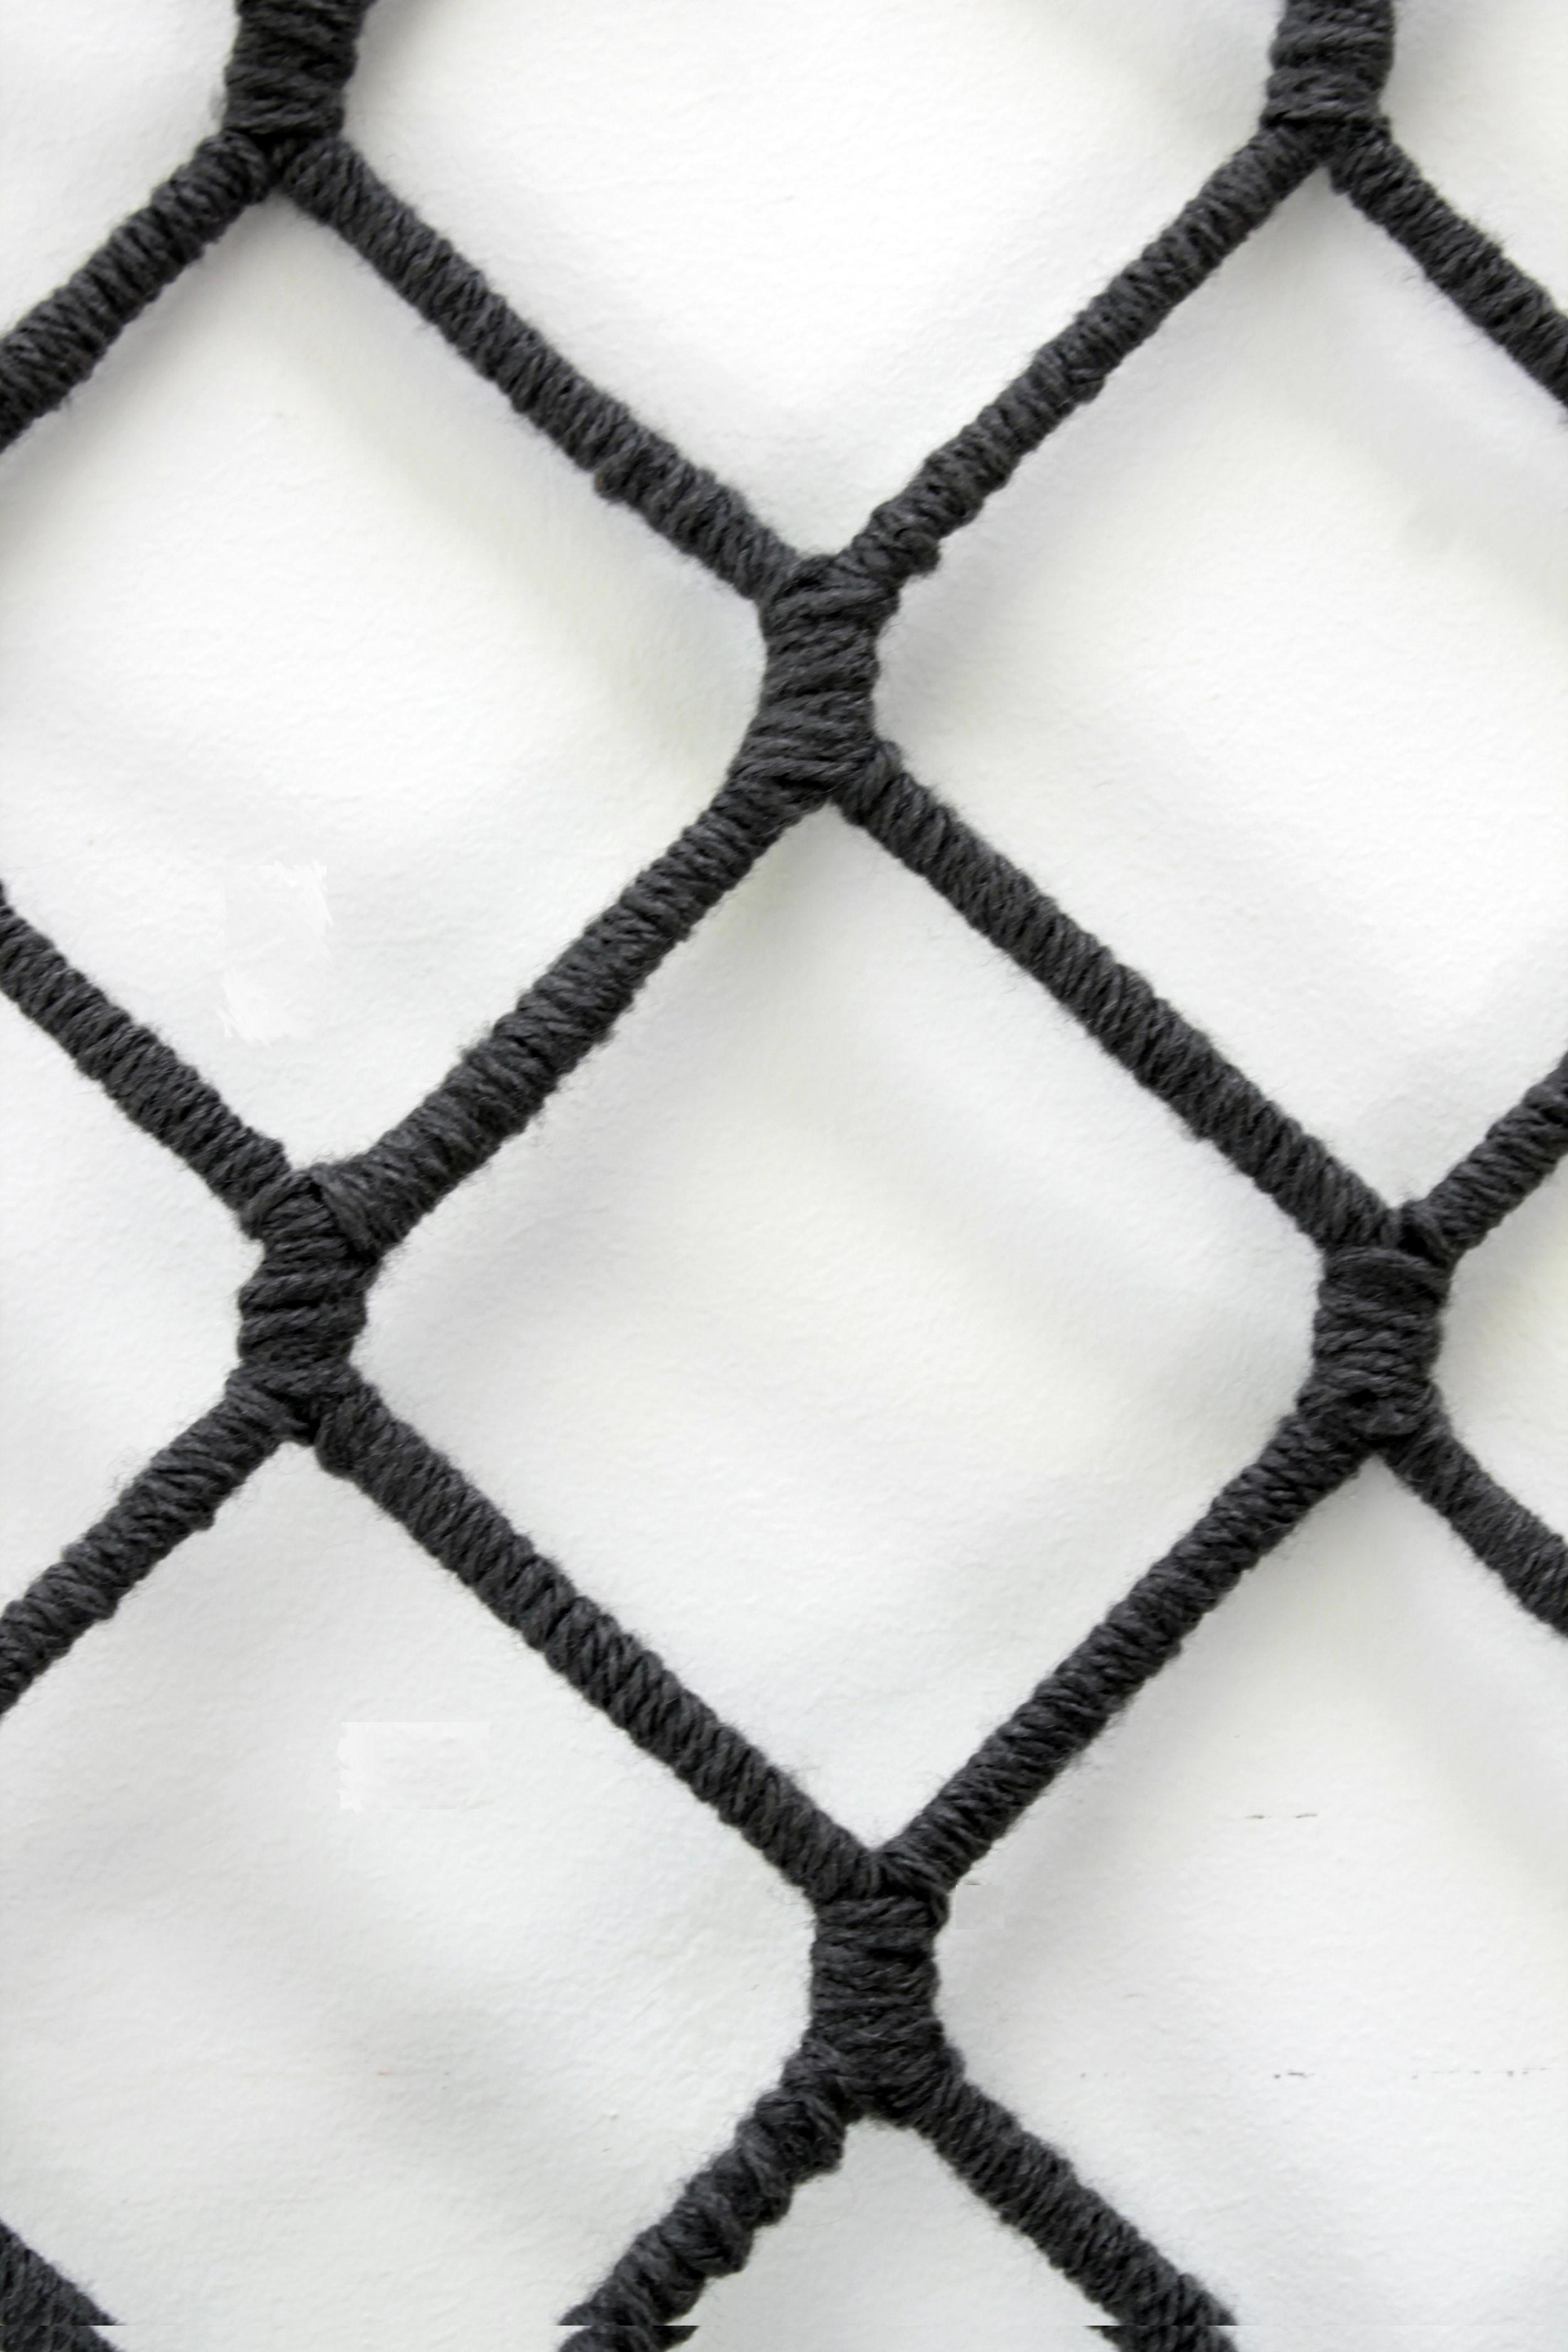 yarn-fence-detail copy.jpg